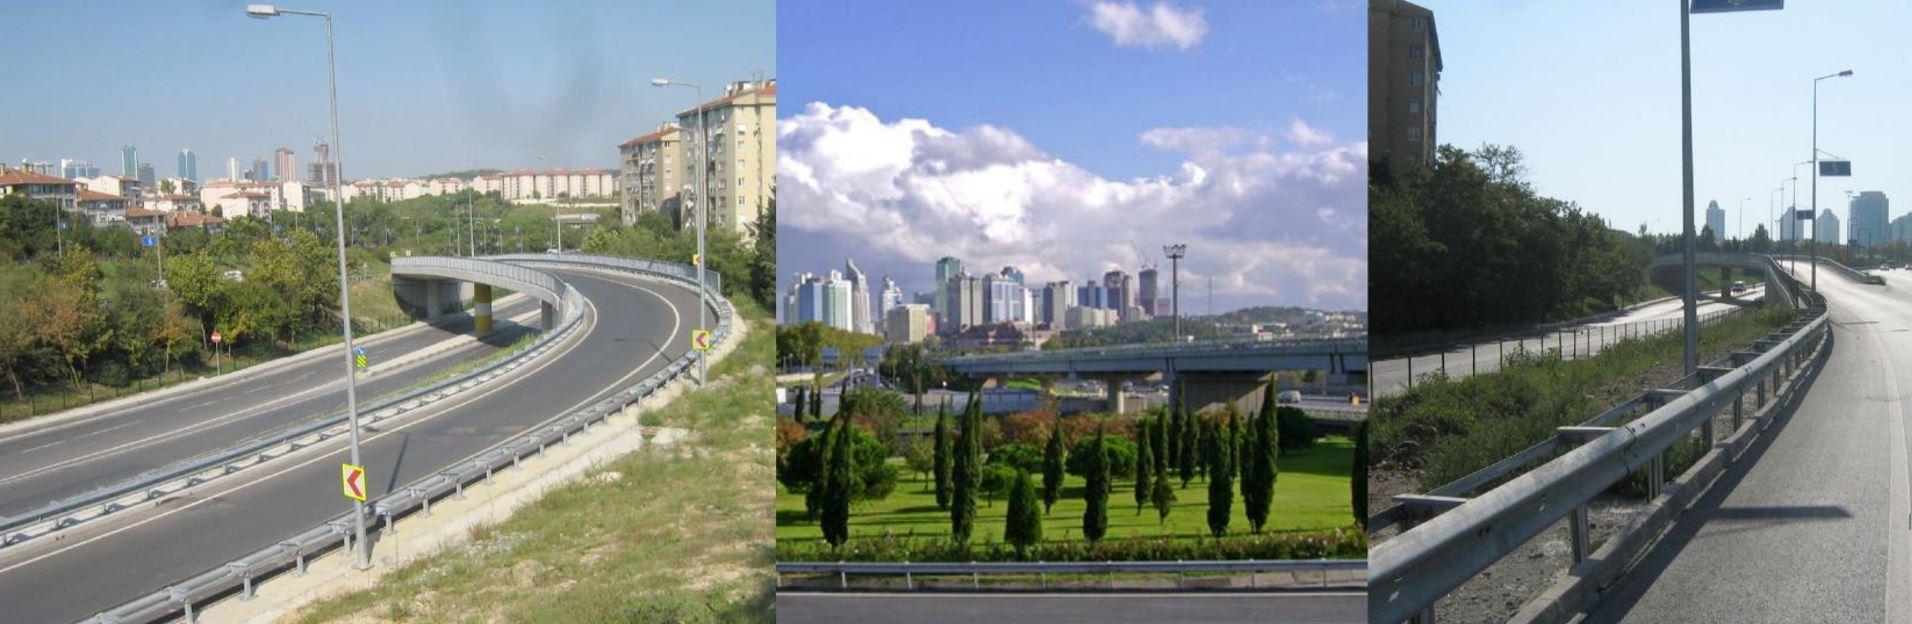 İstanbul Çilekli Köprüsü ve Bağlantı Yolları